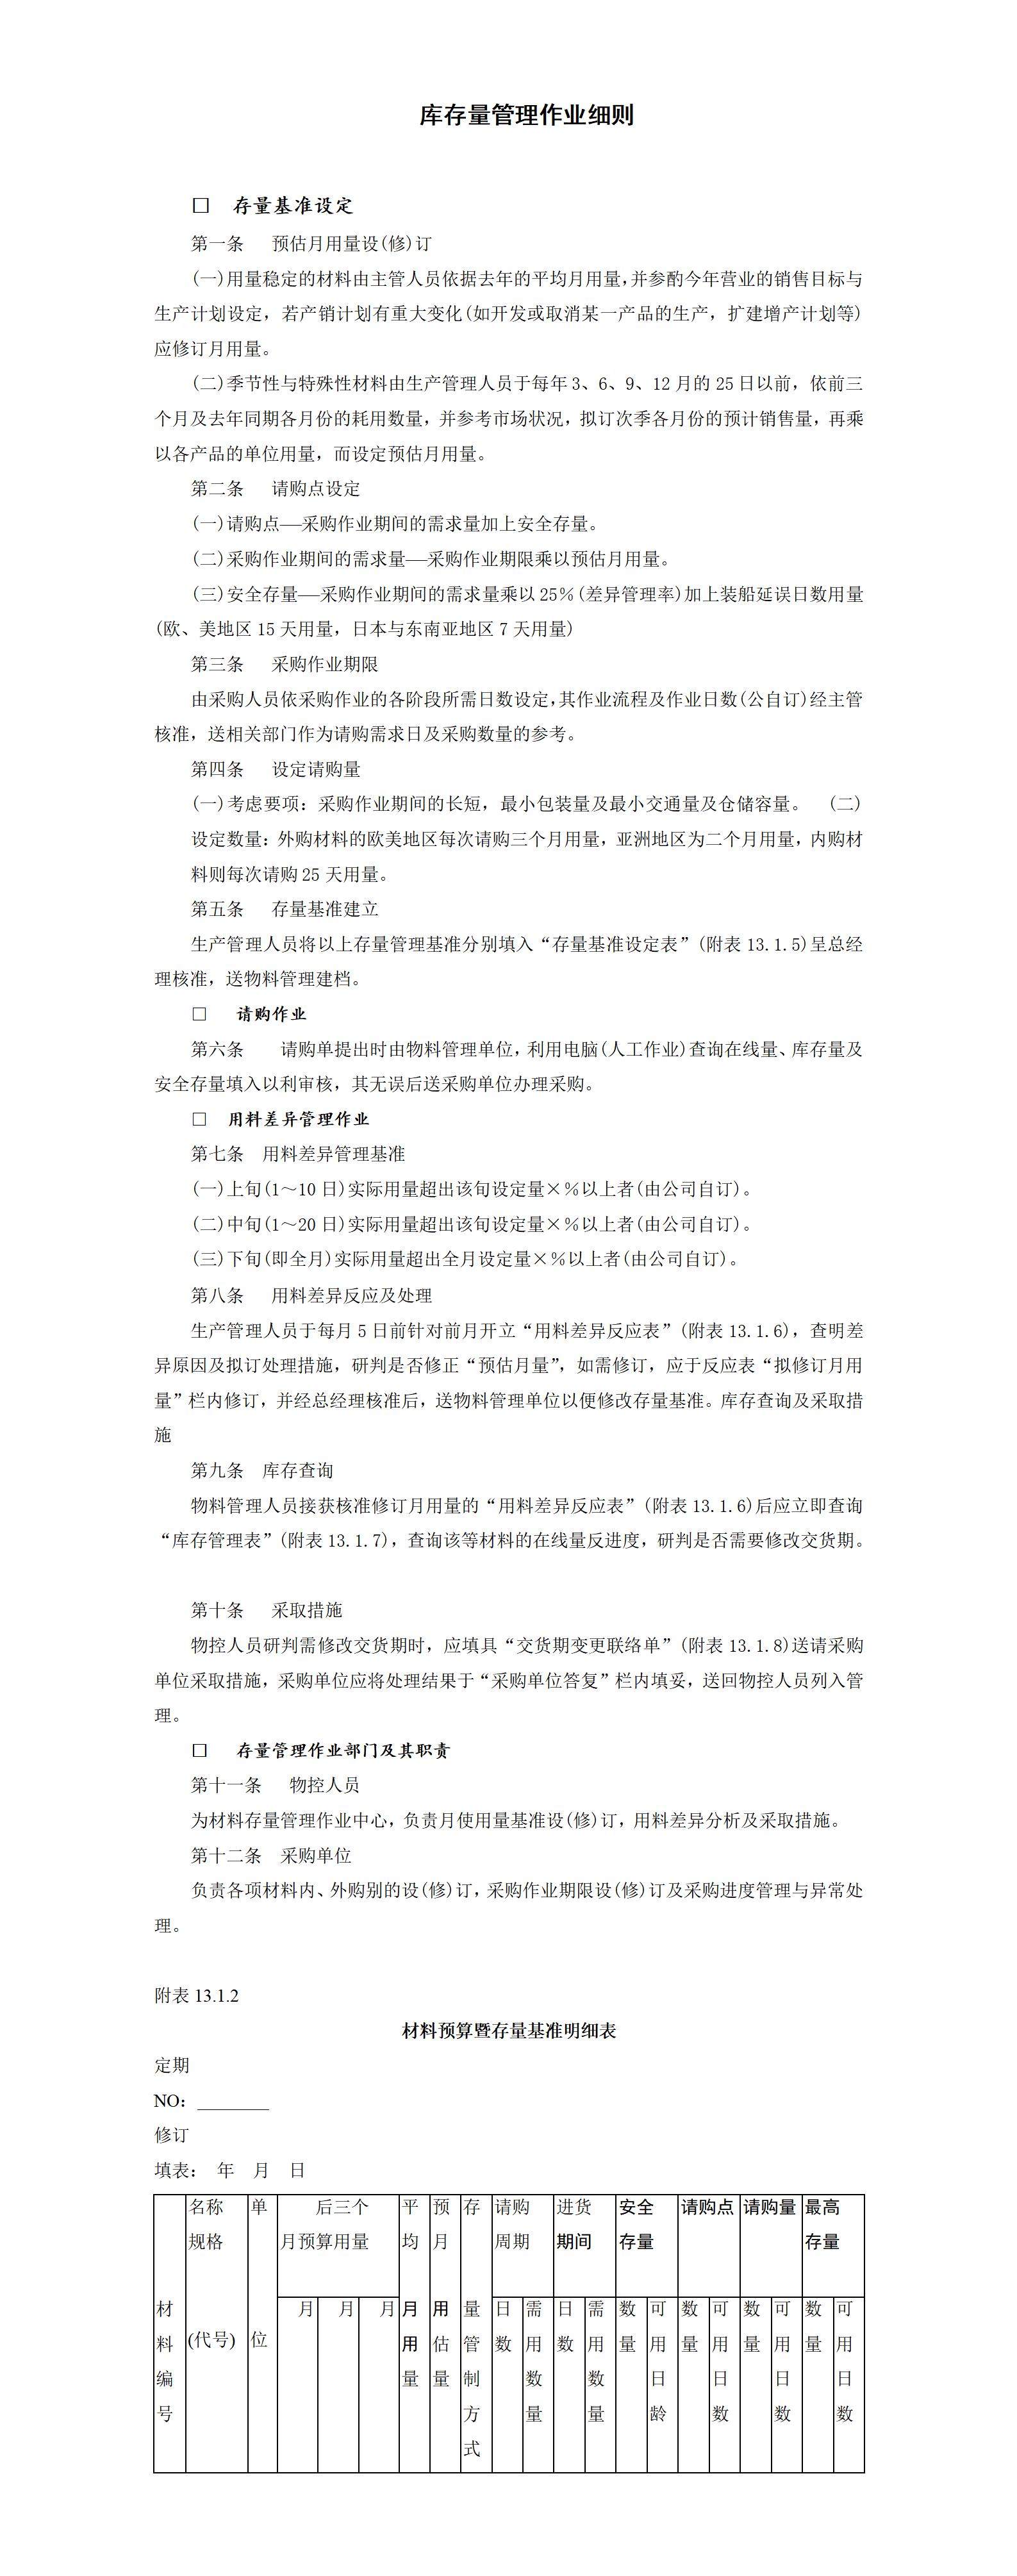 企业仓储管理制度-库存量制度之作业细则.png